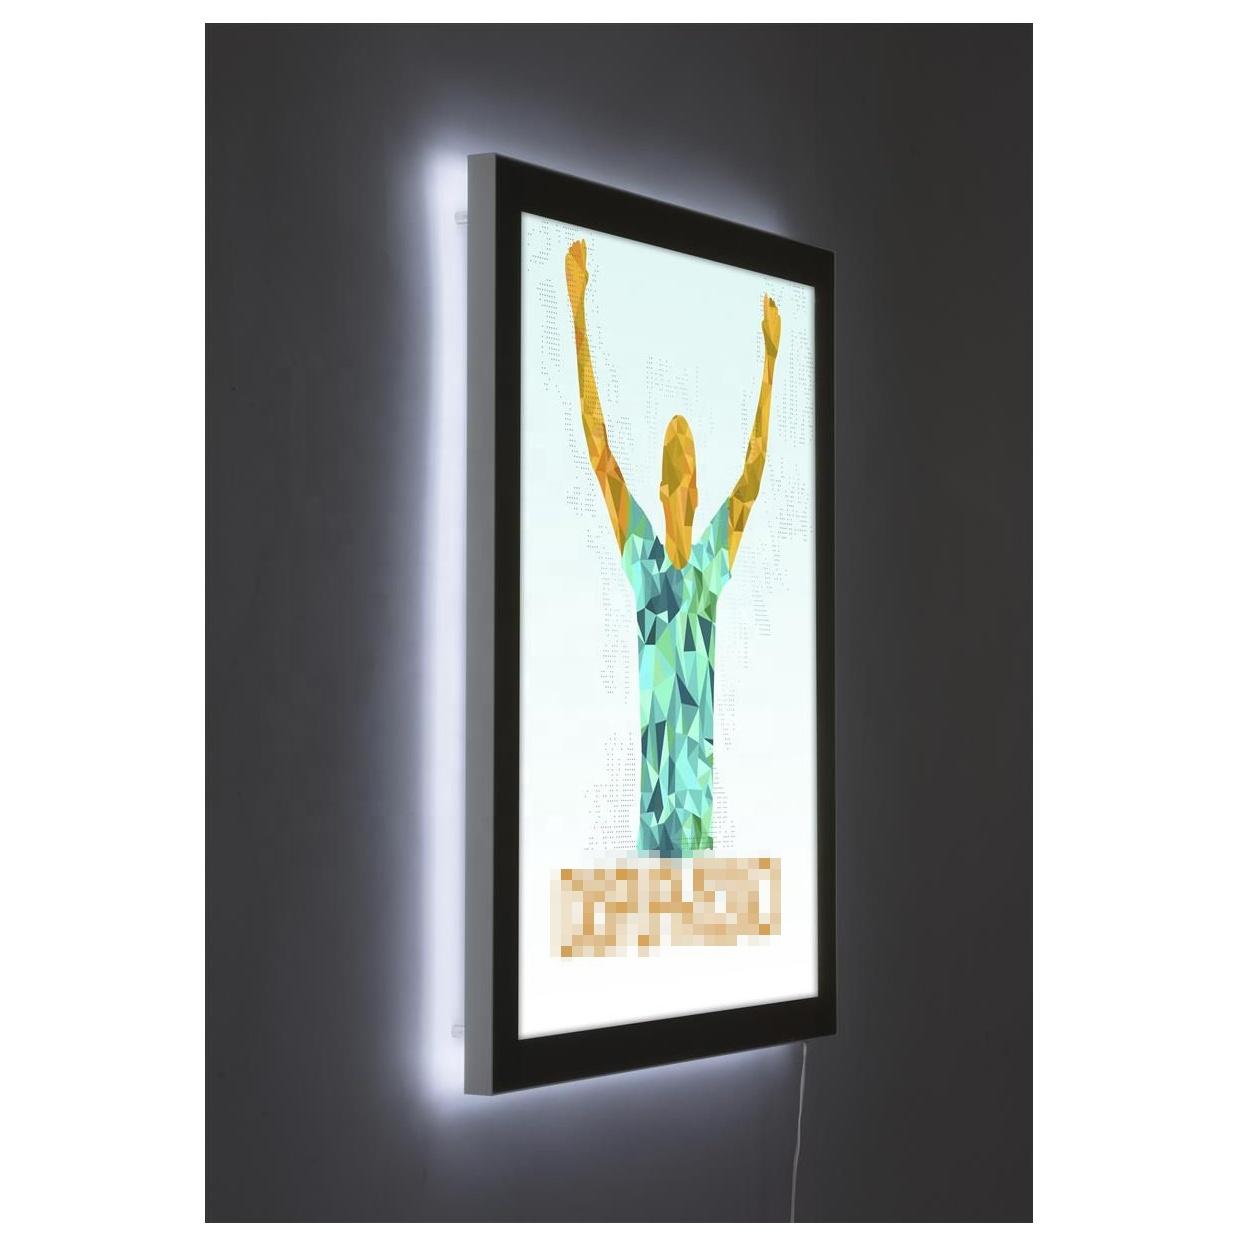 27*40 Inch LED Backlit Advertising Movie Poster Frame Light Box